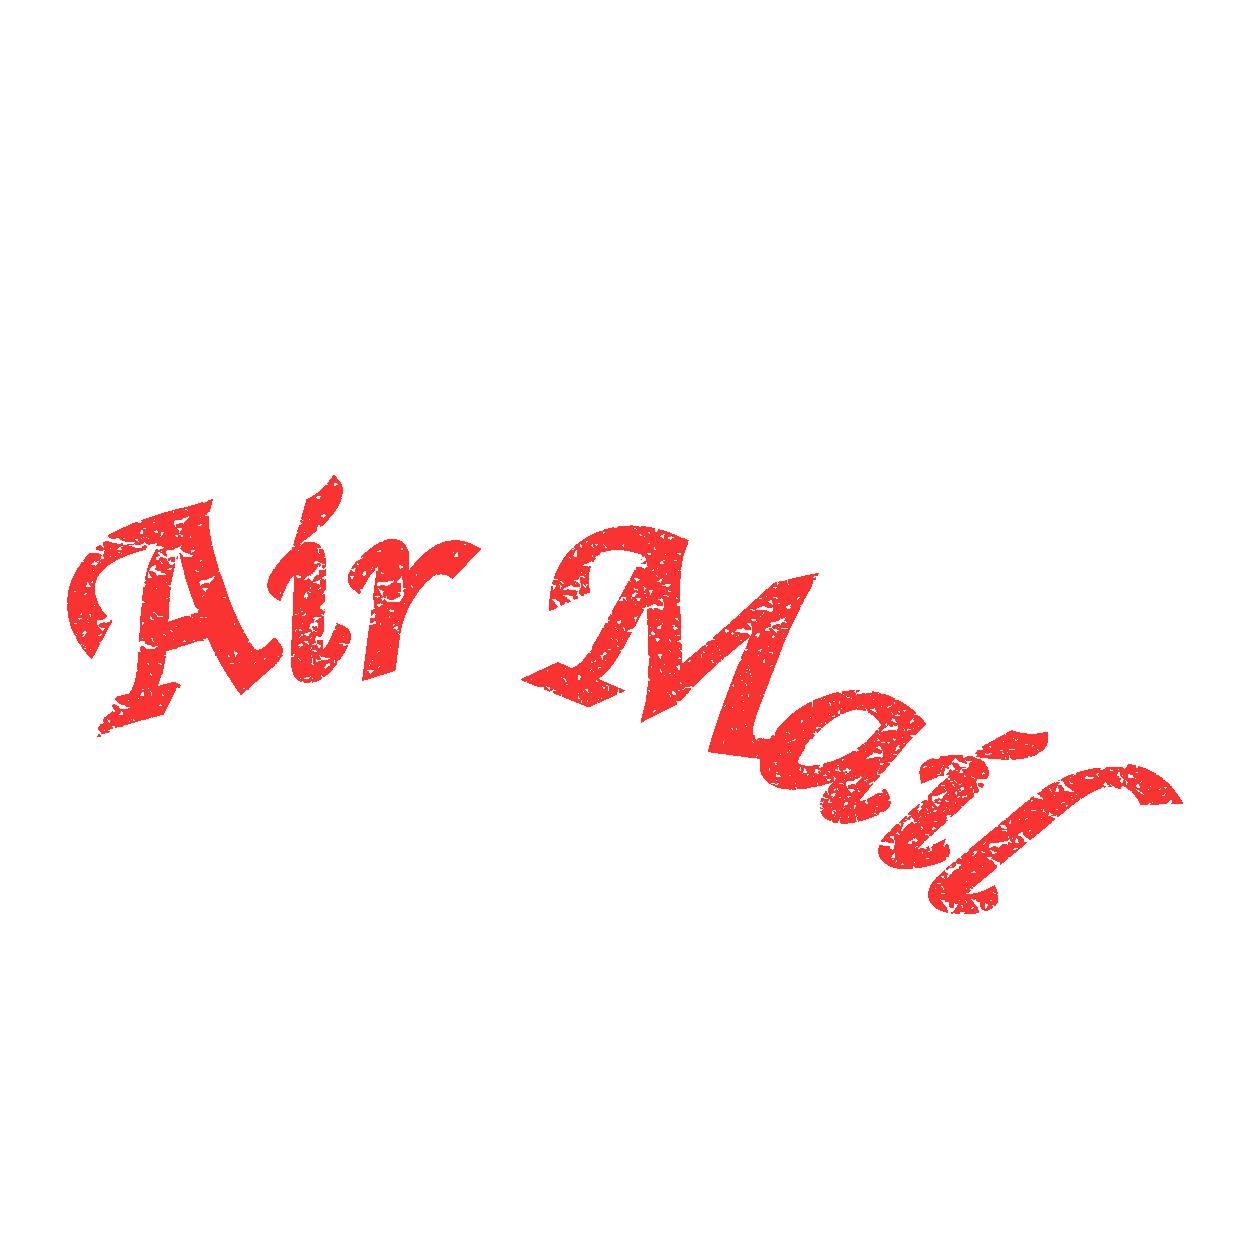 アーチスタイルの air mail(エアメール)と スタンプのイラスト | 商用